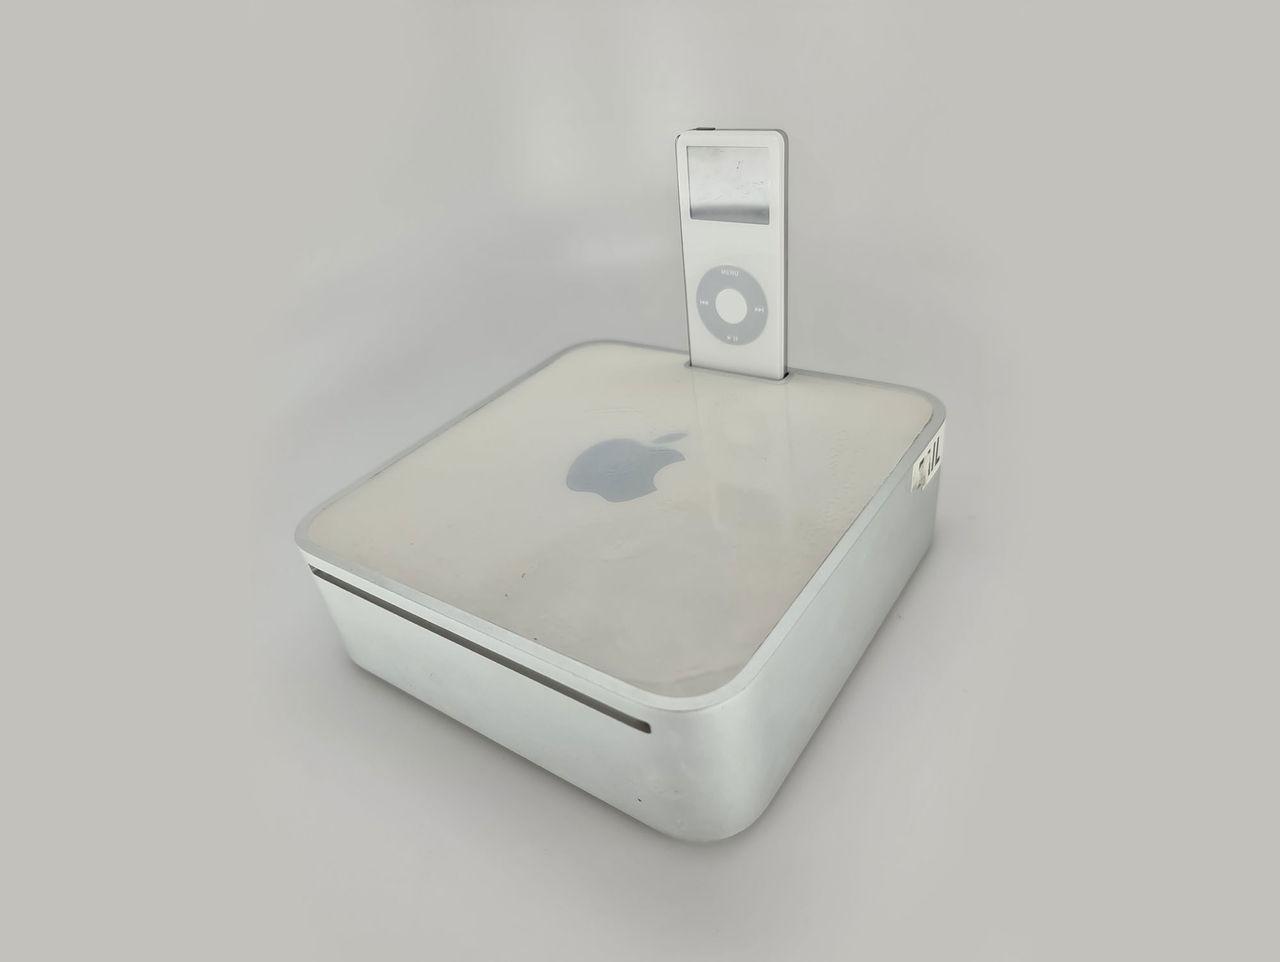 Apple funderade på att släppa Mac mini med iPod-hållare